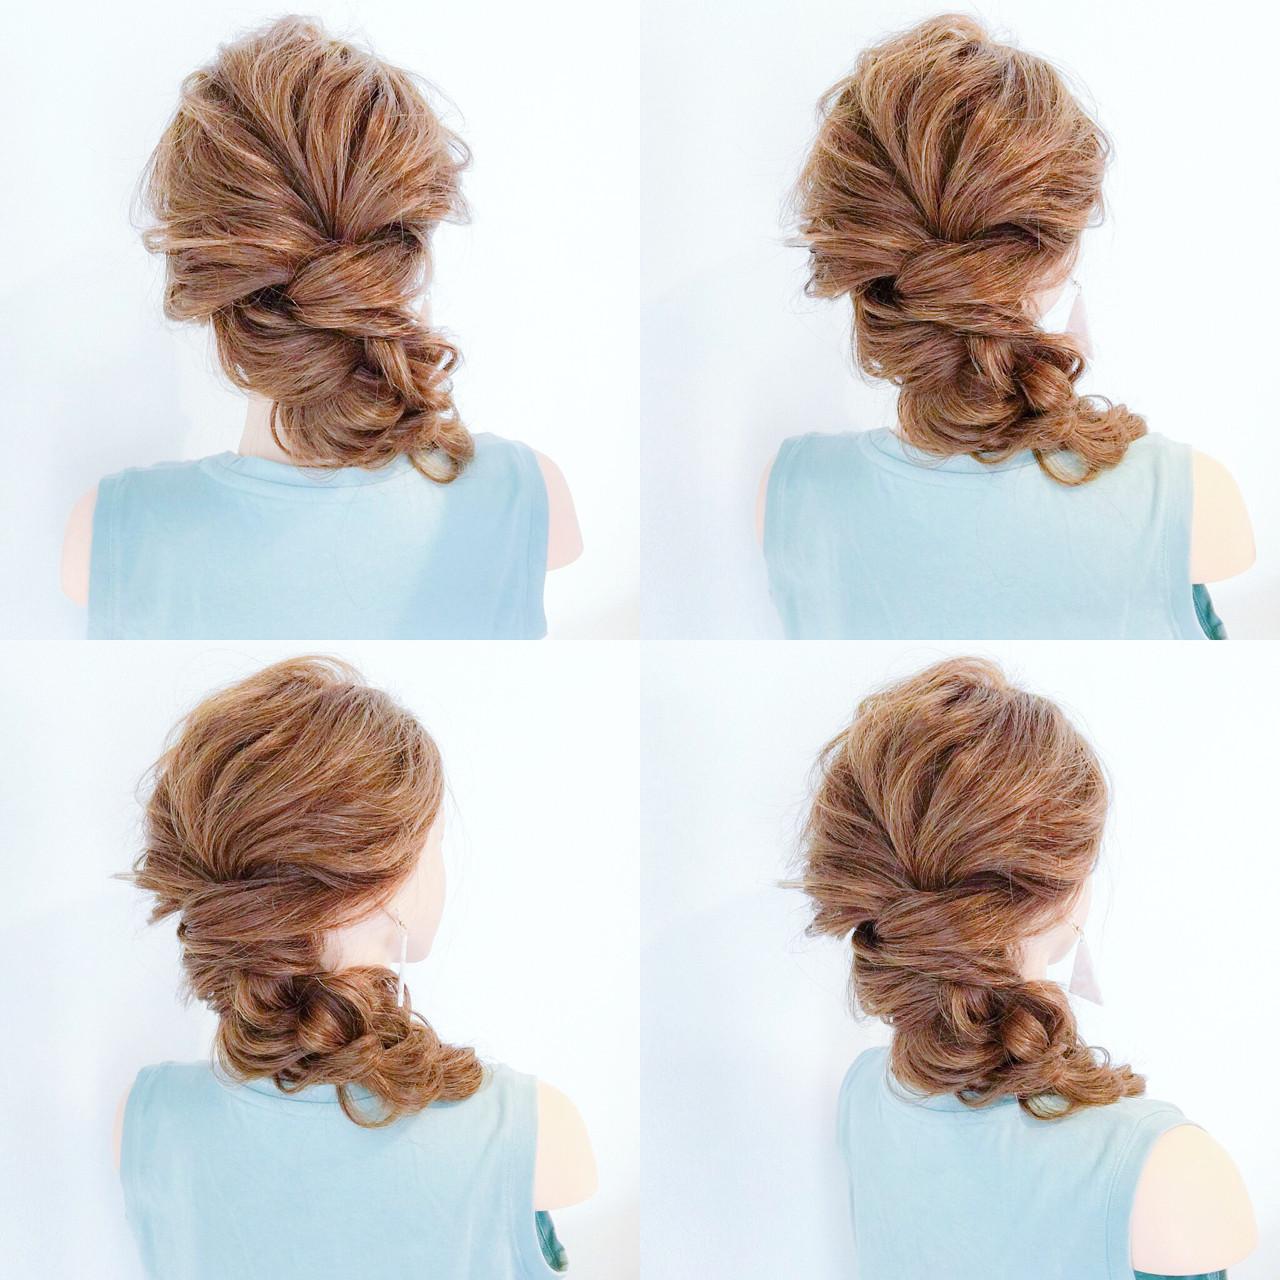 夏 デート 結婚式 簡単ヘアアレンジ ヘアスタイルや髪型の写真・画像 | 美容師HIRO/Amoute代表 / Amoute/アムティ